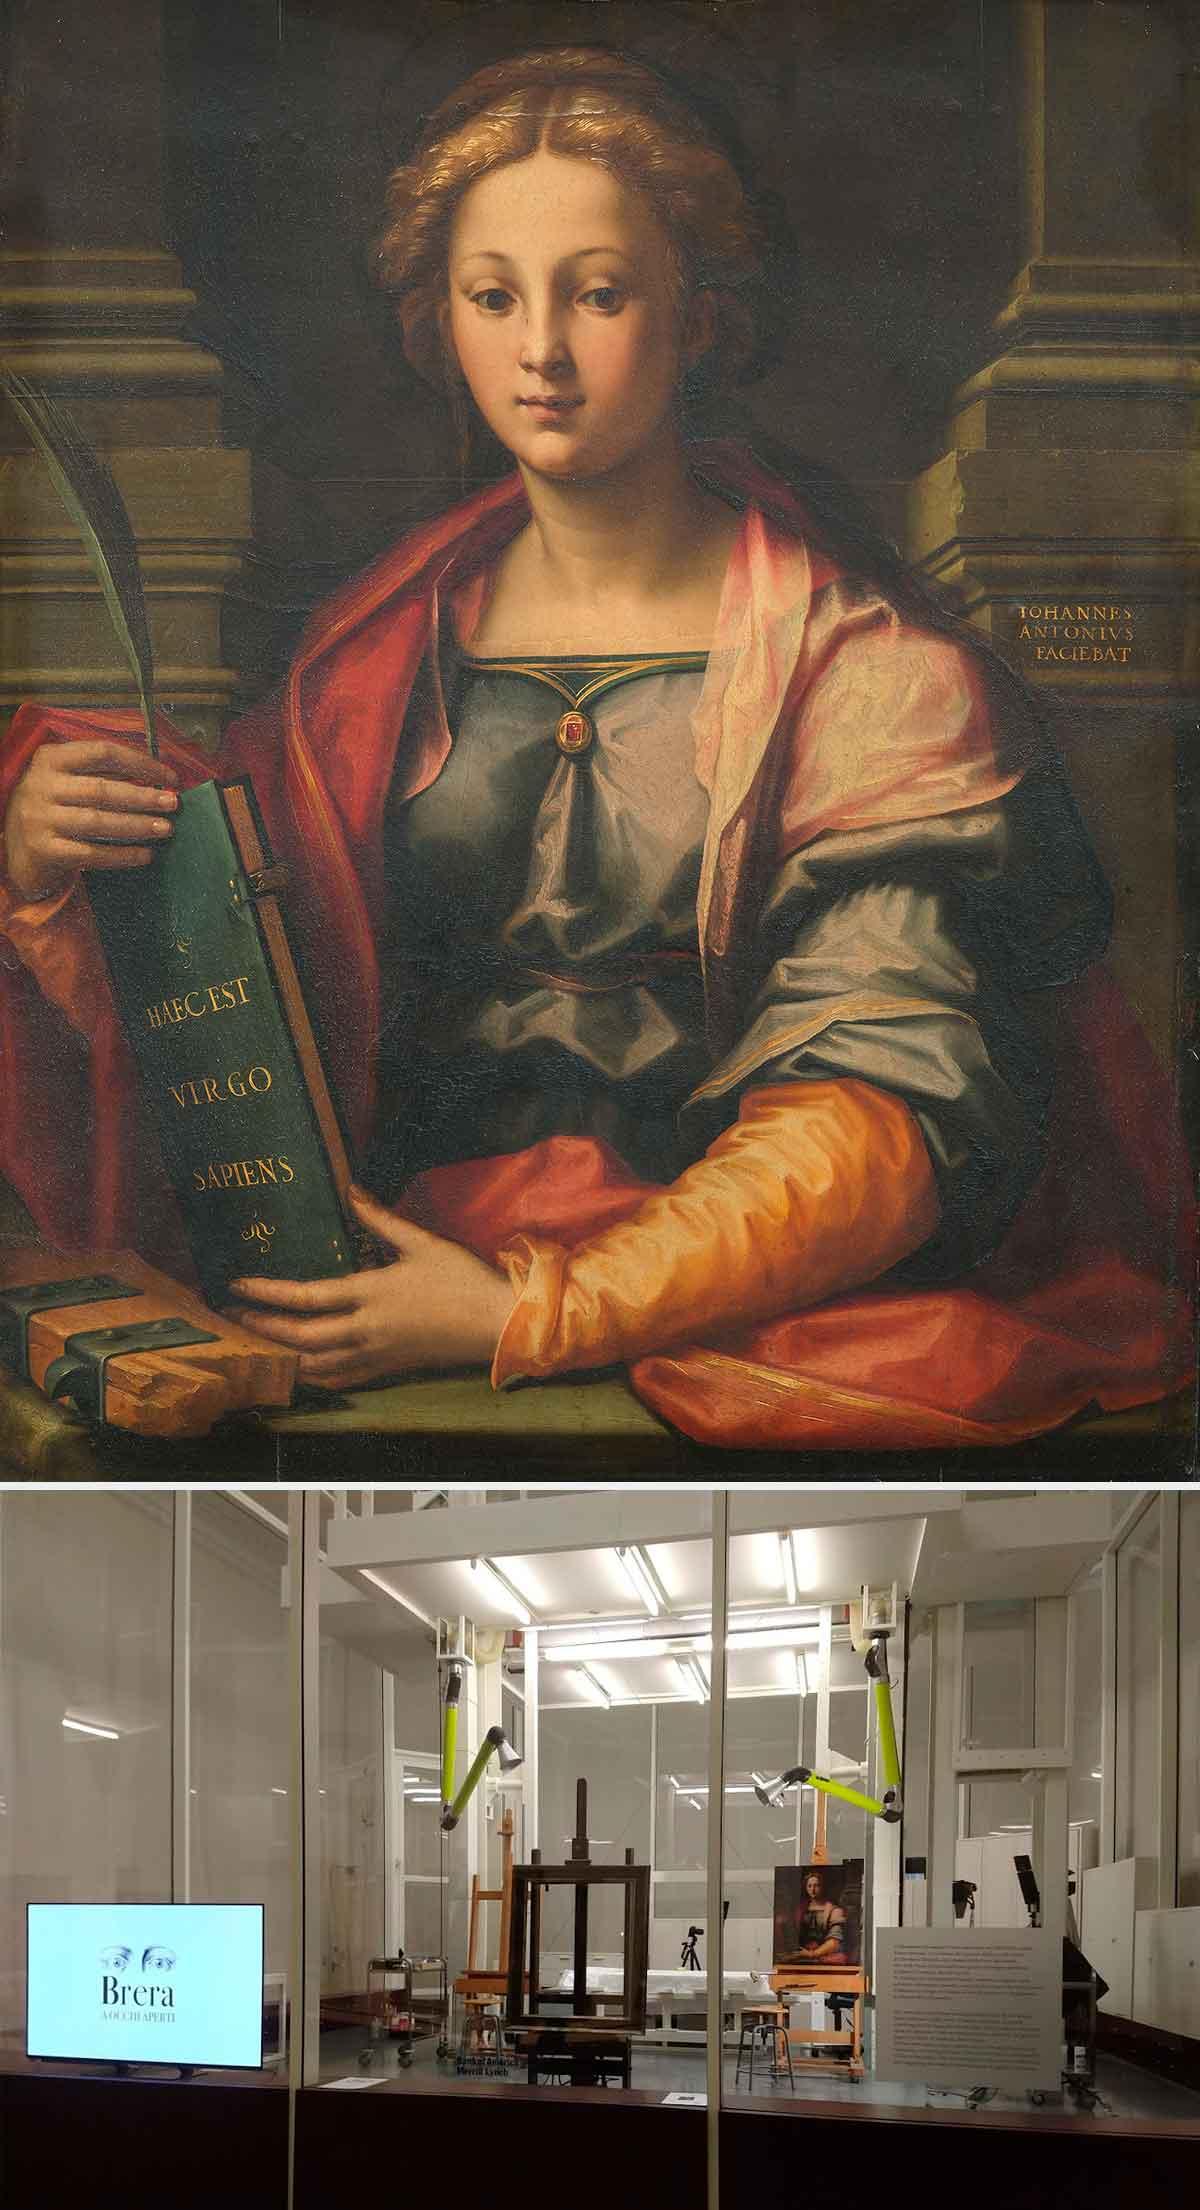 Dall'alto, Giovanni Antonio Sogliani, Santa Caterina d'Alessandria, prima del restauro (fig. 1); sotto, l'opera collocata nel laboratorio di restauro della Pinacoteca di Brera  (fig. 2)